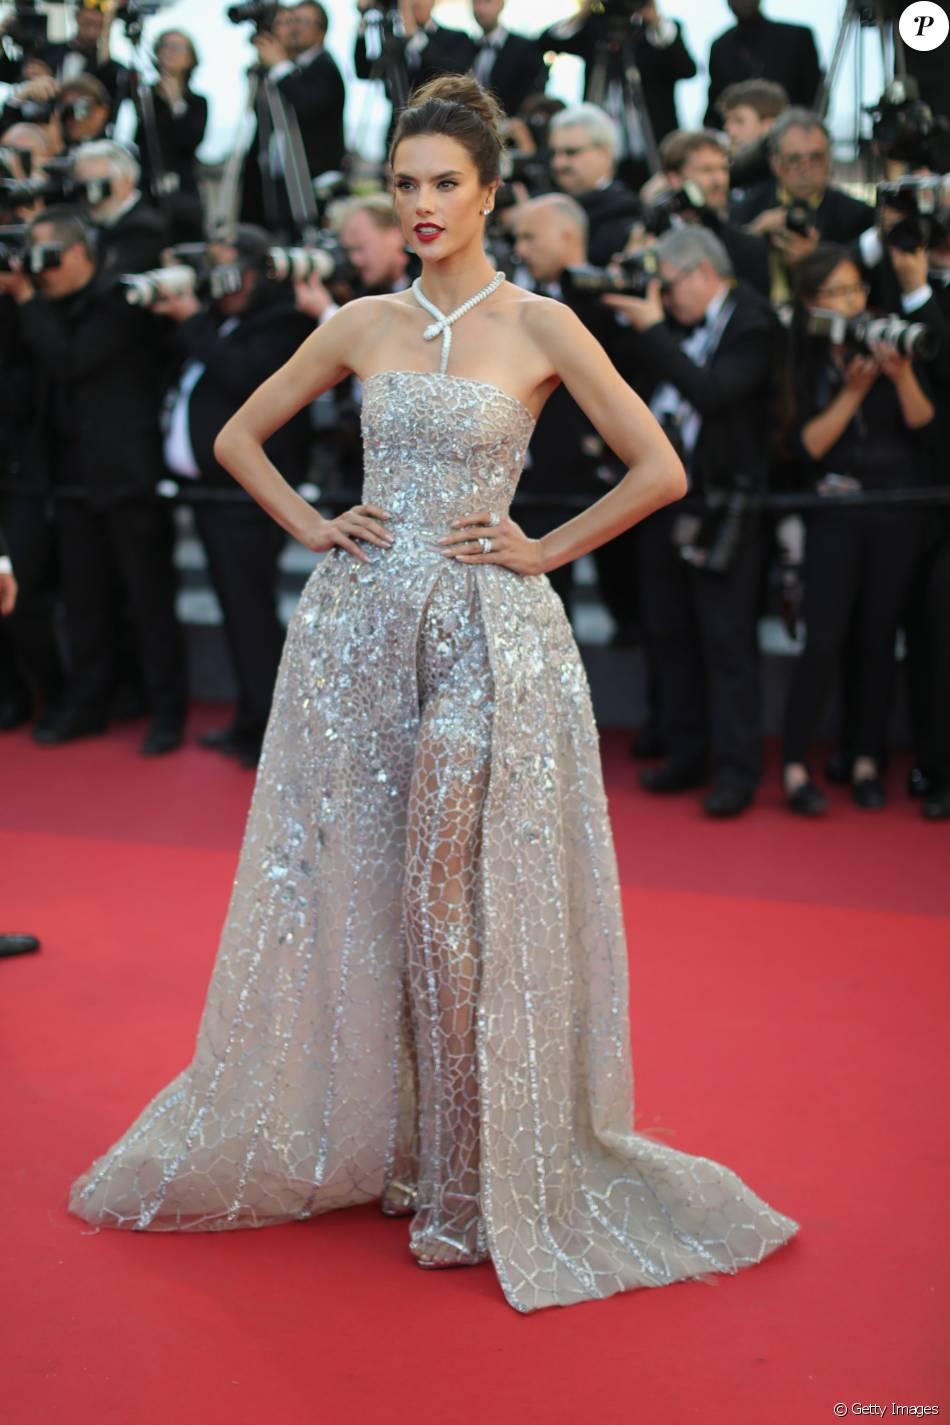 A modelo brasileira Alessandra Ambrosio rouba a cena no Festival de Cannes com um vestido poderoso Zuhair Murad e joia Bulgari avaliada em R$ 1,5 milhão na sexta-feira, 20 de maio de 2016